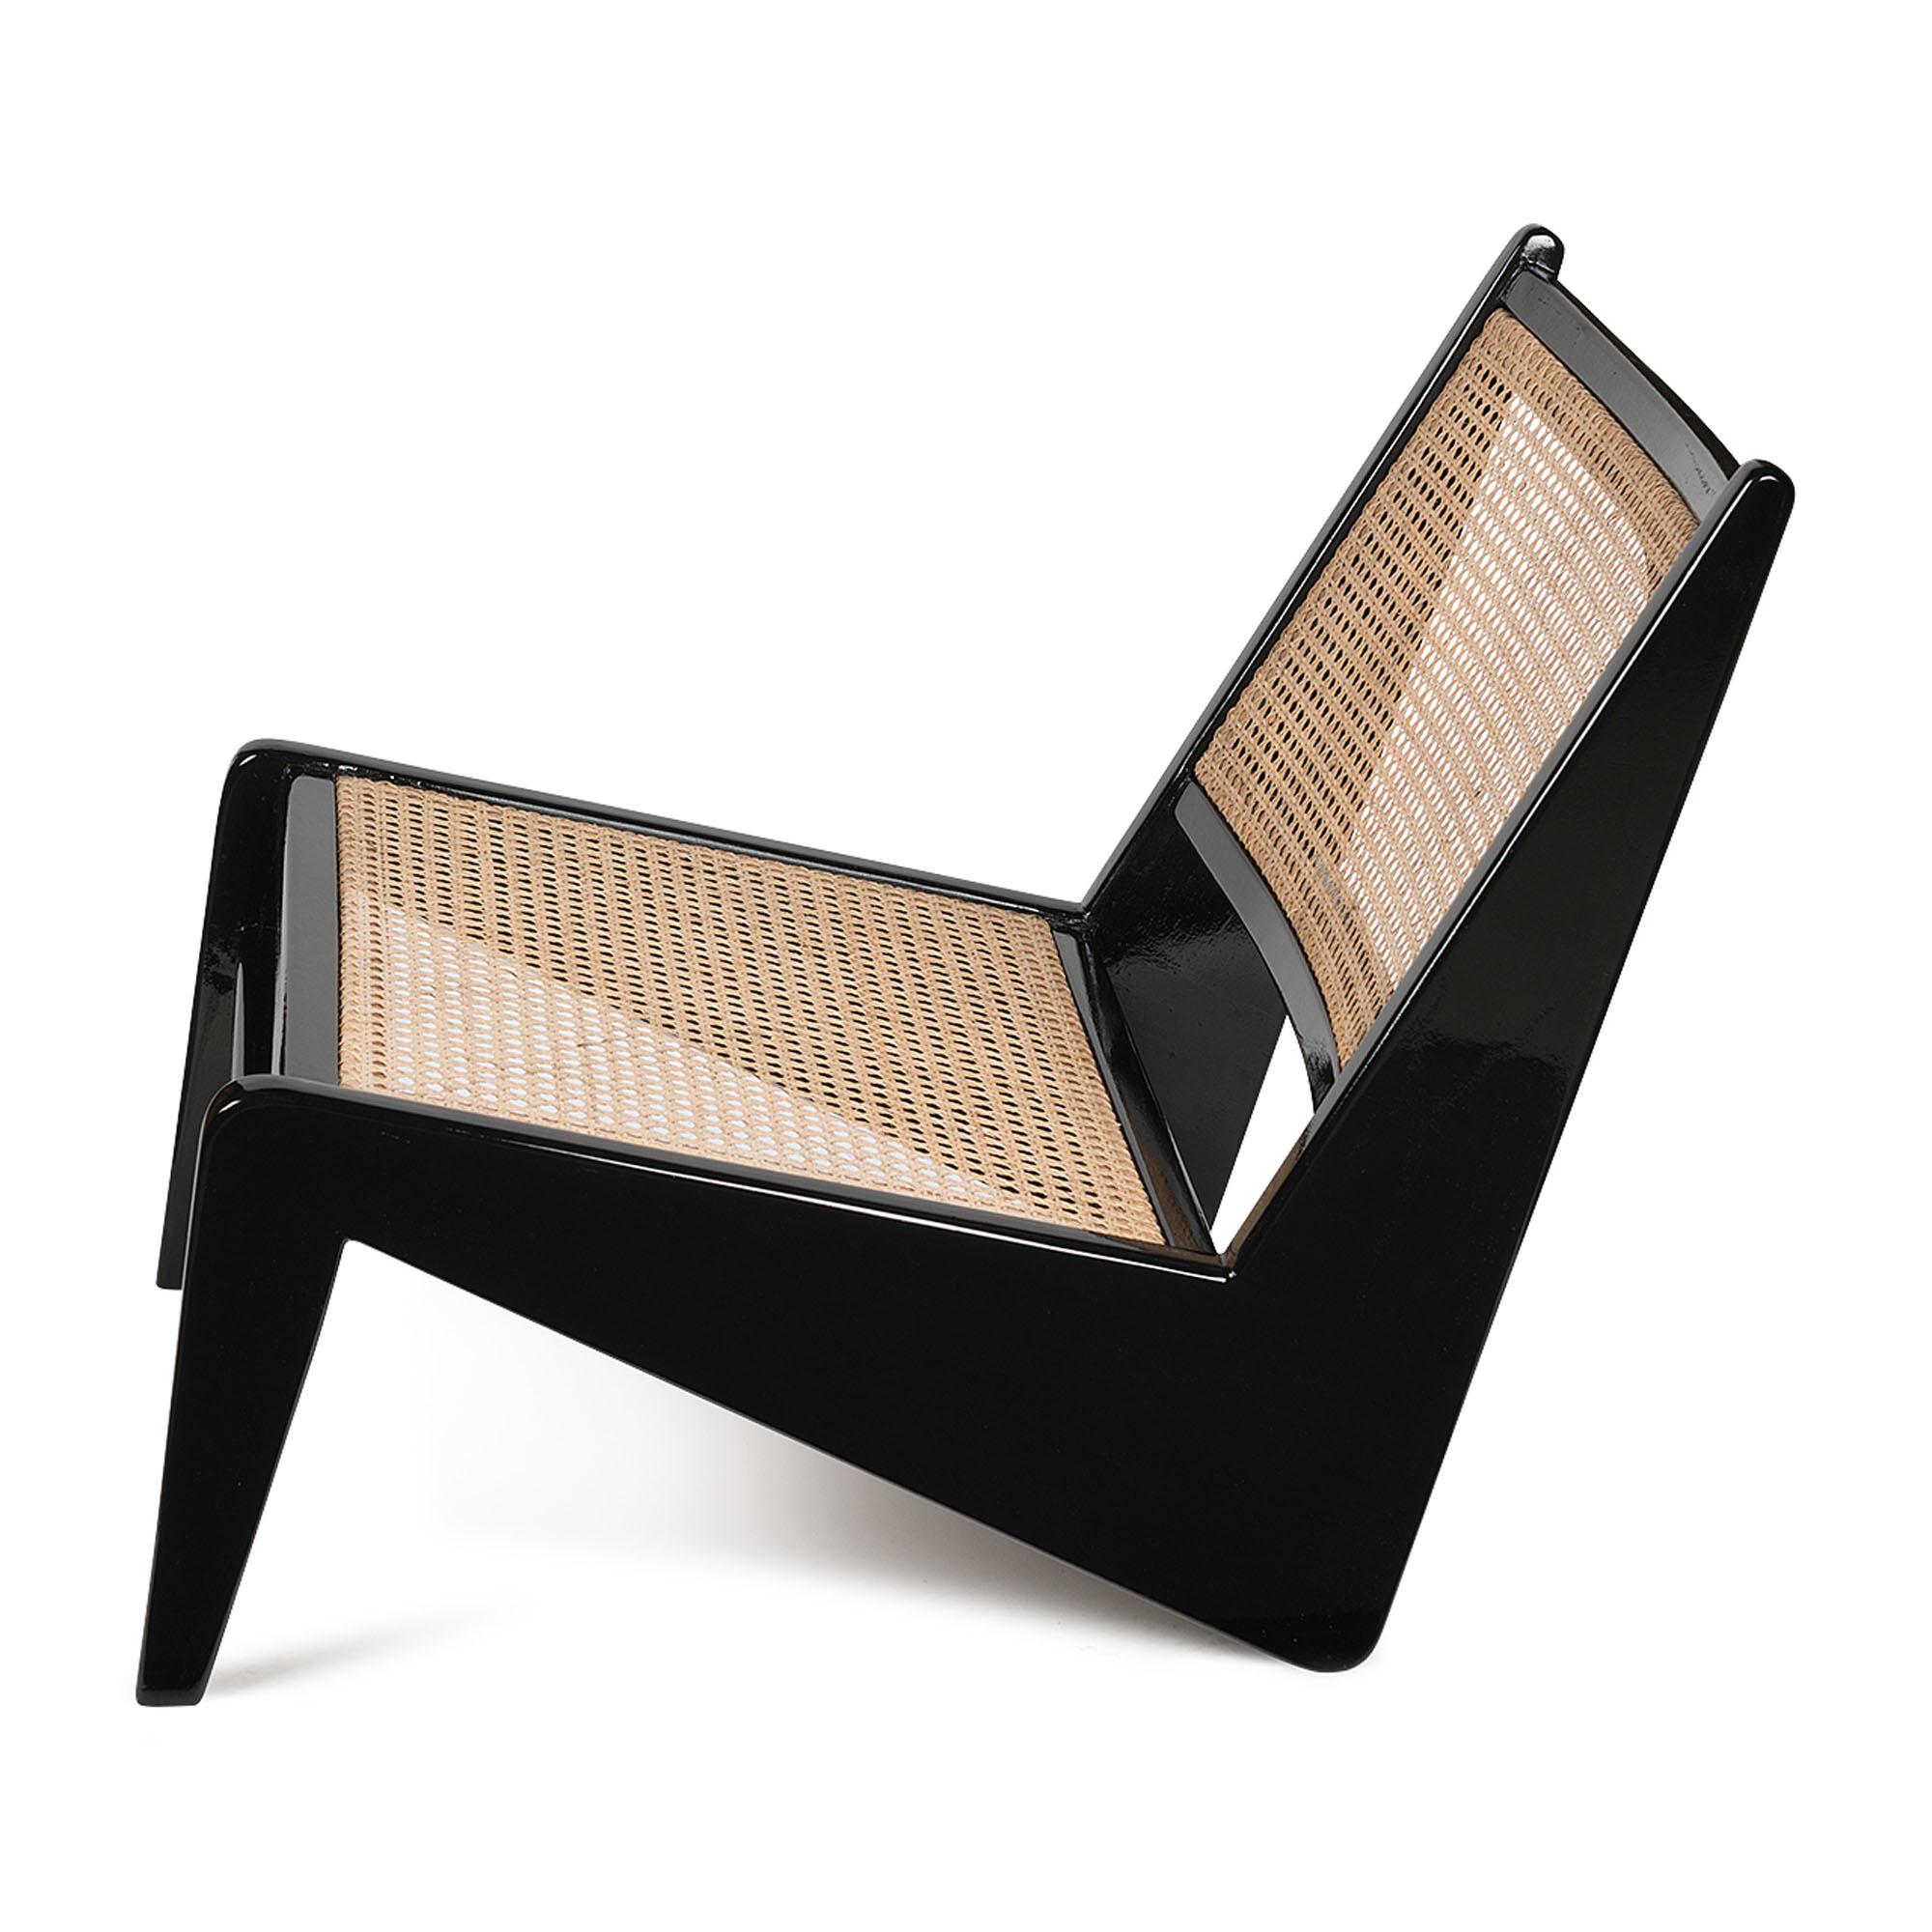 Kangaroo Chair - Charcoal Black Hoogglans-3